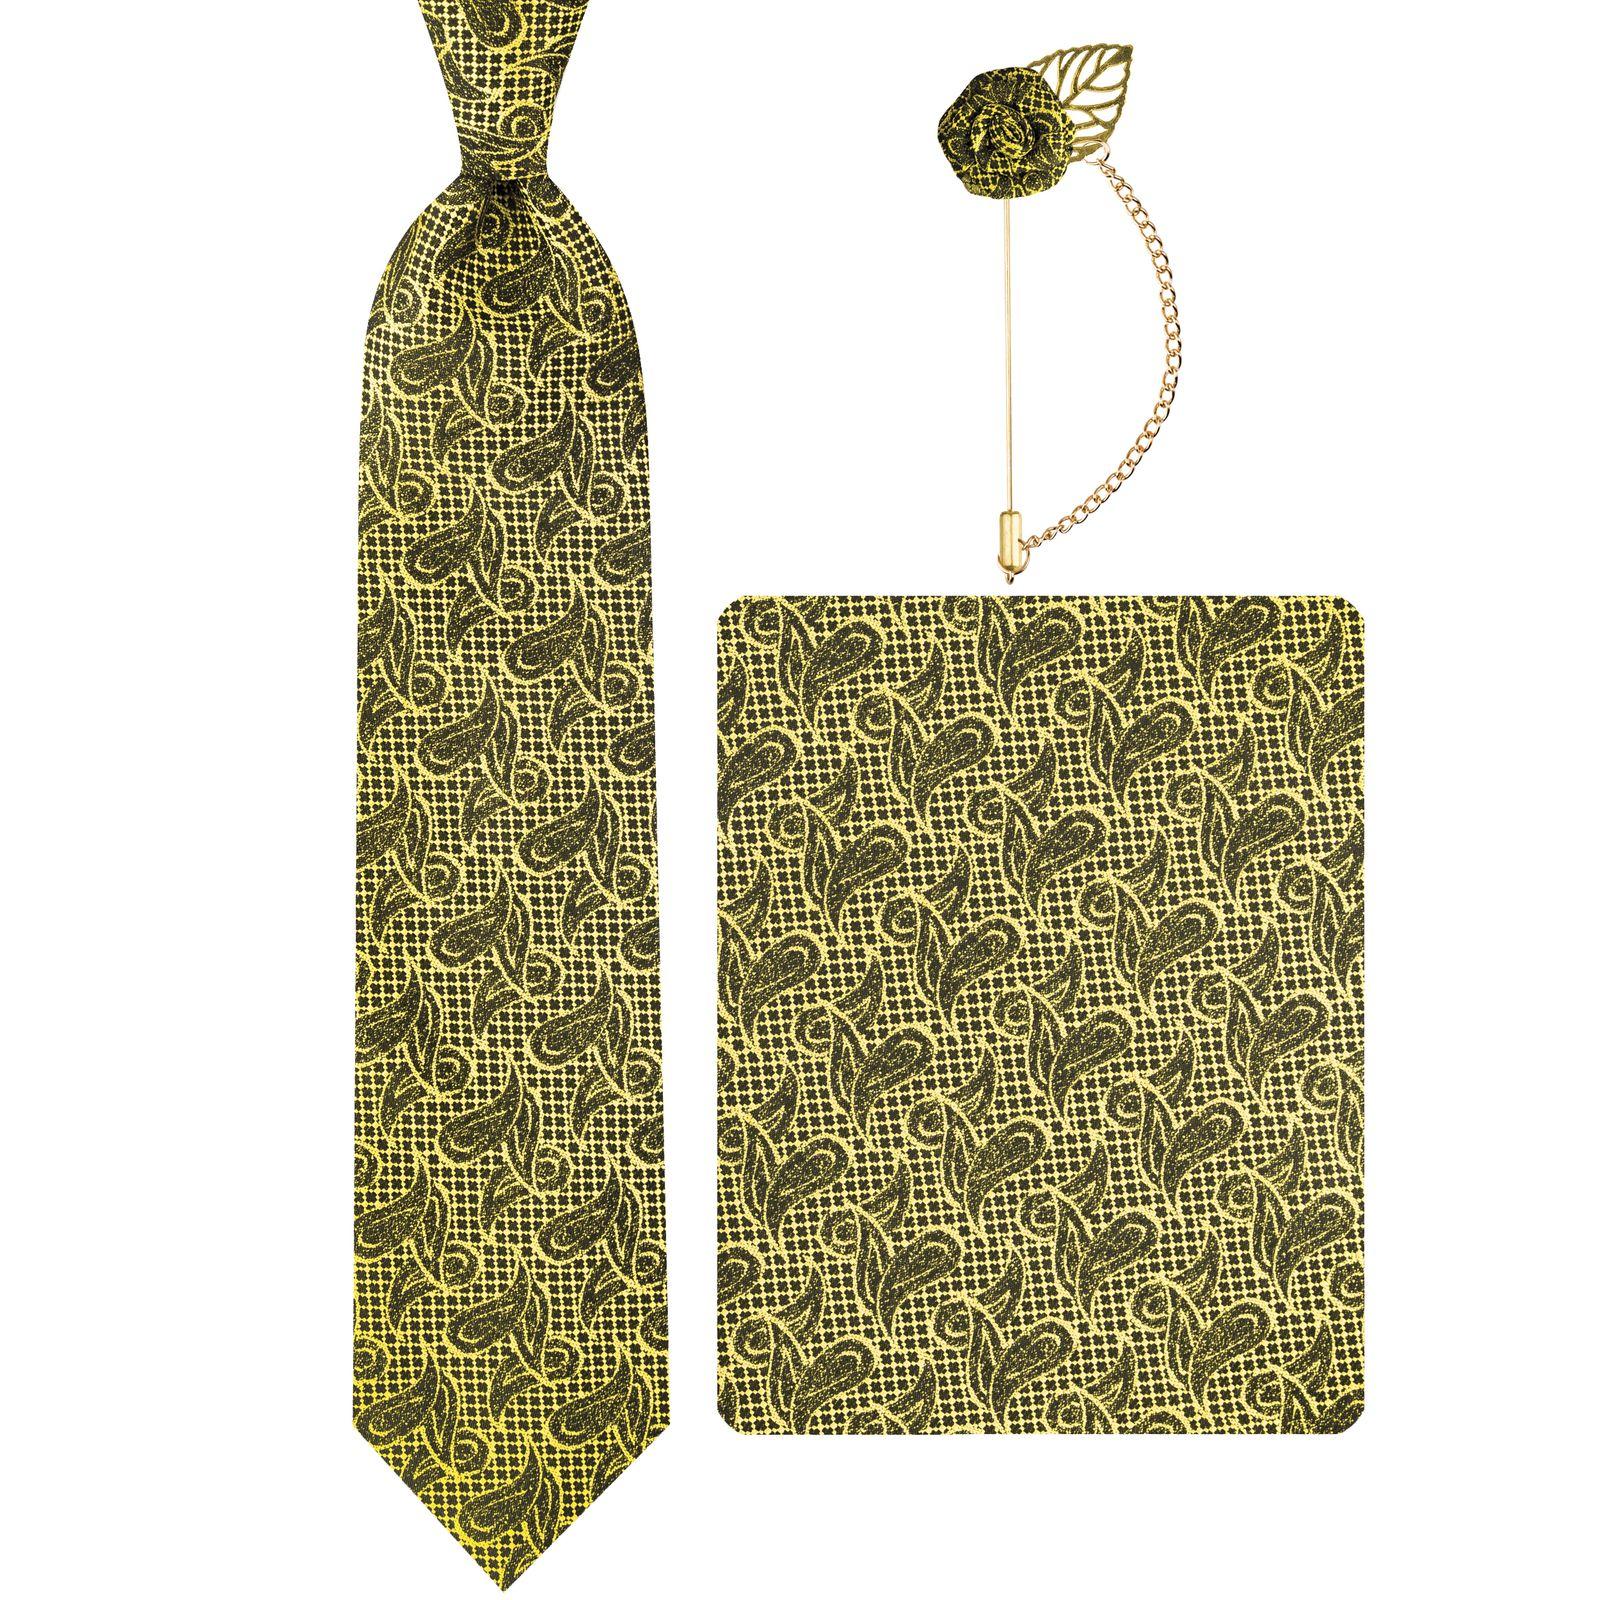 ست کراوات و دستمال جیب و گل کت مردانه جیان فرانکو روسی مدل GF-PA928-GO -  - 2